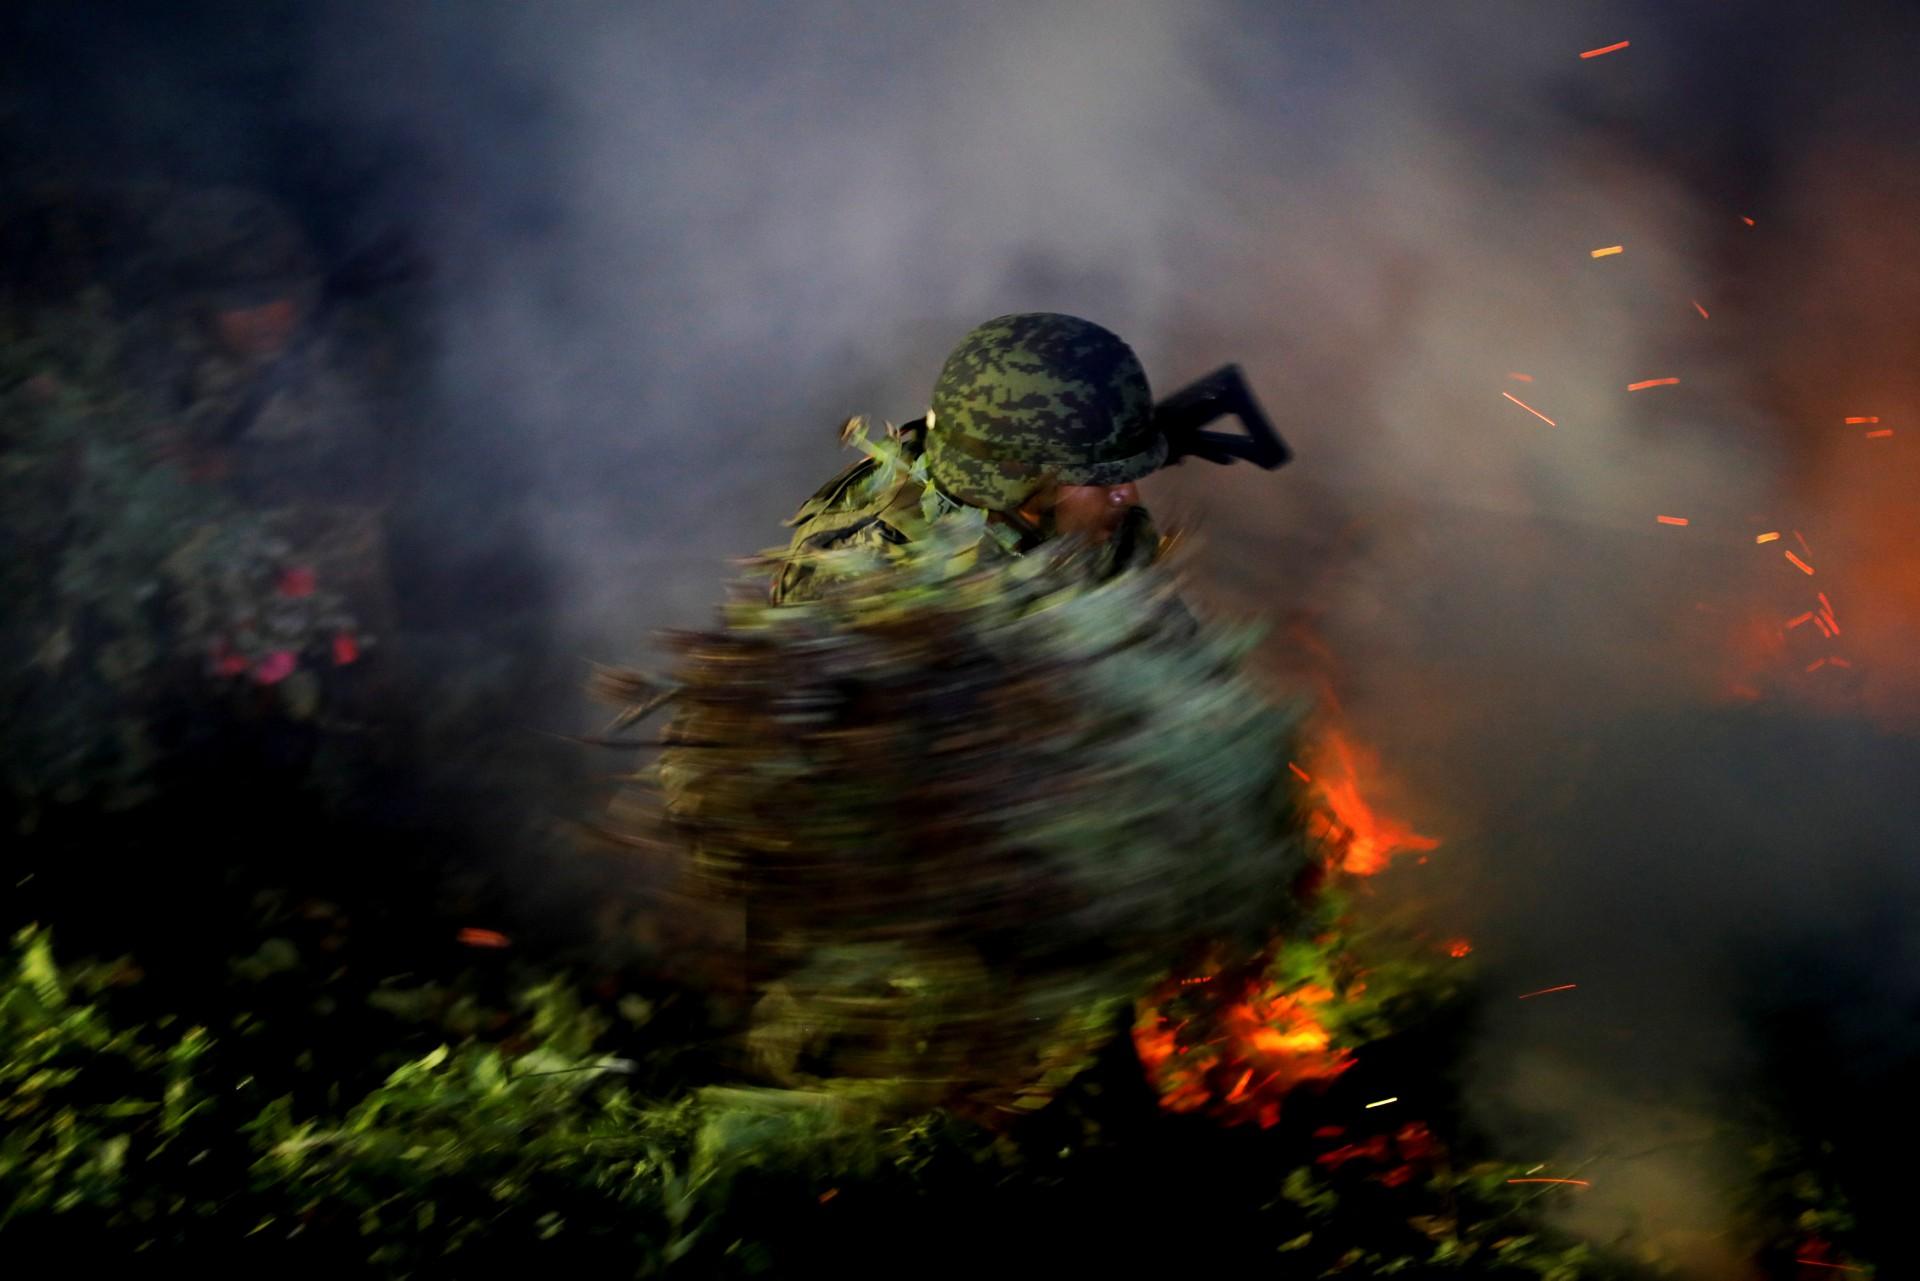 Un soldado quema una plantación ilegal de opio cerca de Pueblo Viejo en la Sierra Madre del Sur, en el estado sureño de Guerrero, México, el 24 de agosto de 2018.